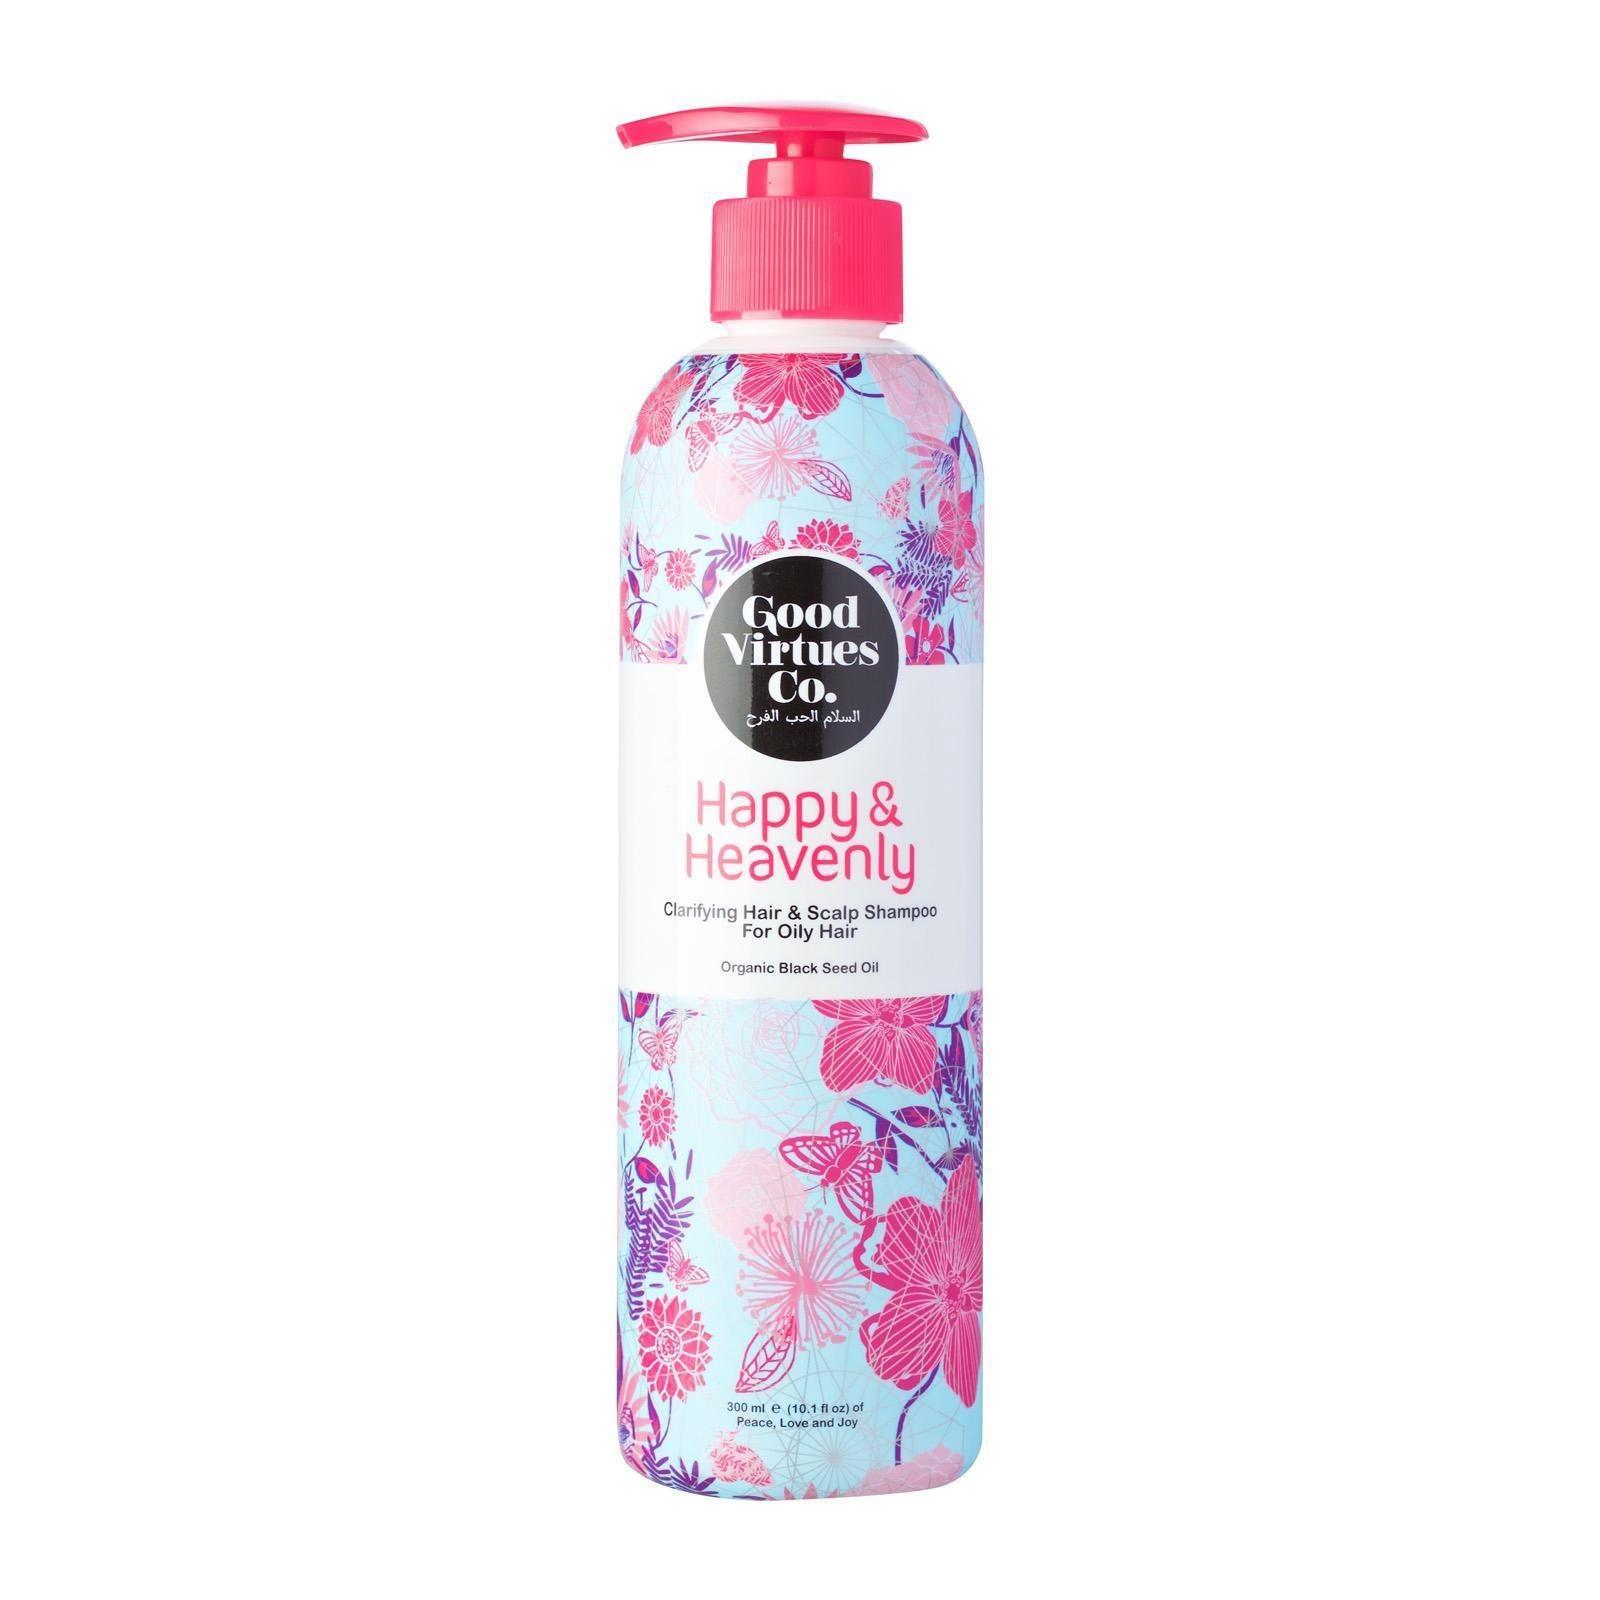 Good Virtues Co. Shampoo - Clarify Hair n Scalp For Oily Hair